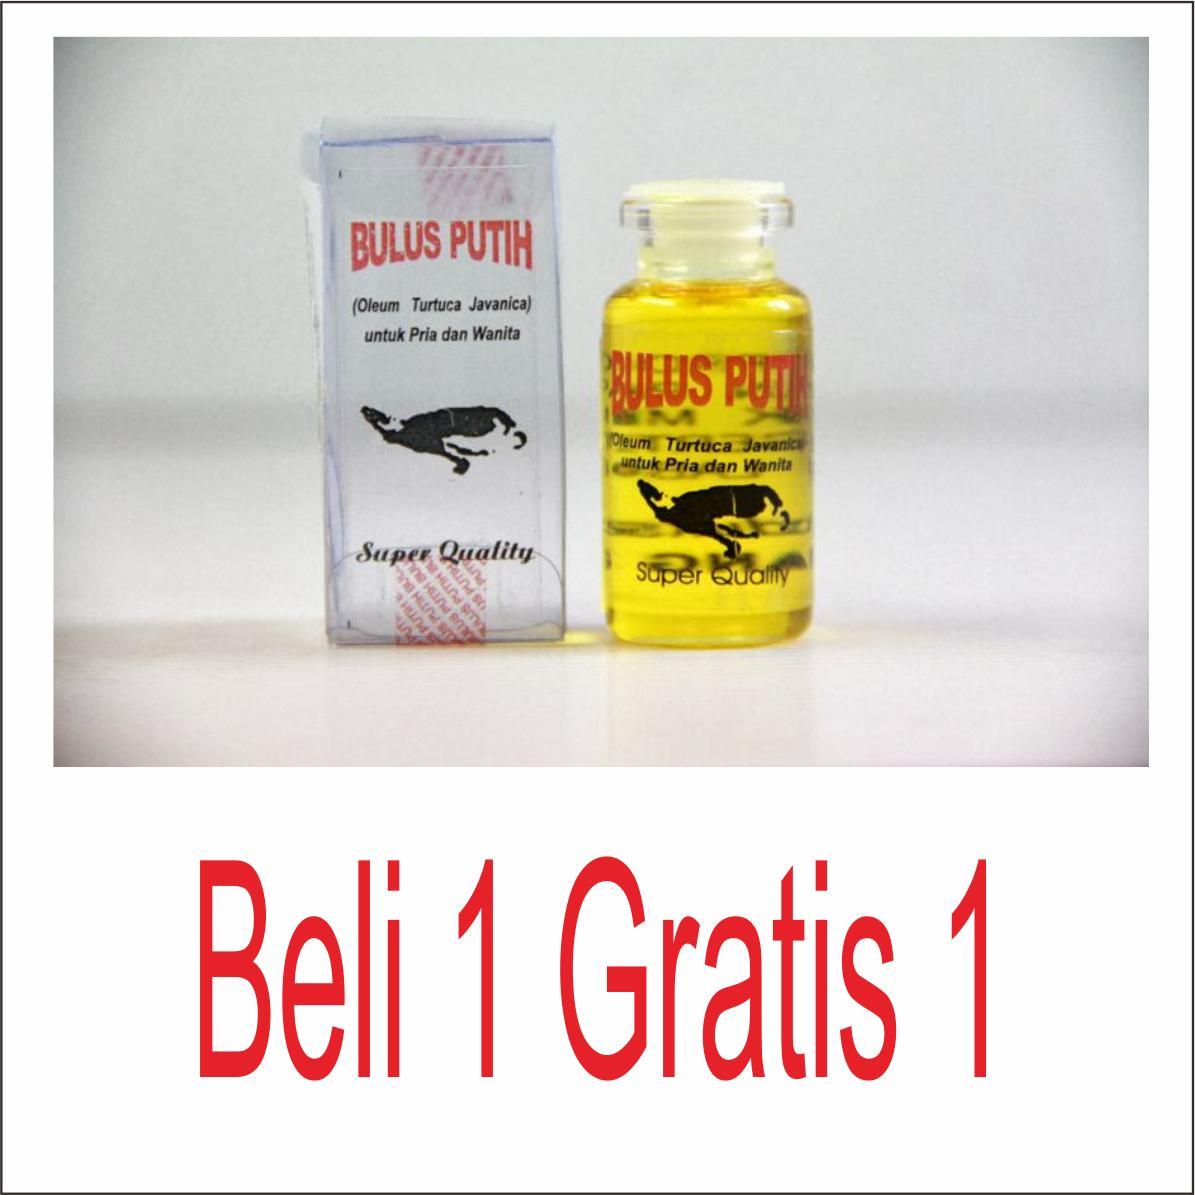 Fitur Vienna Herbal Breast Cream 100 Asli Original Bpom Obat Pengencang Dan Pembesar Payudara Dr Susan Putih Terdaftar